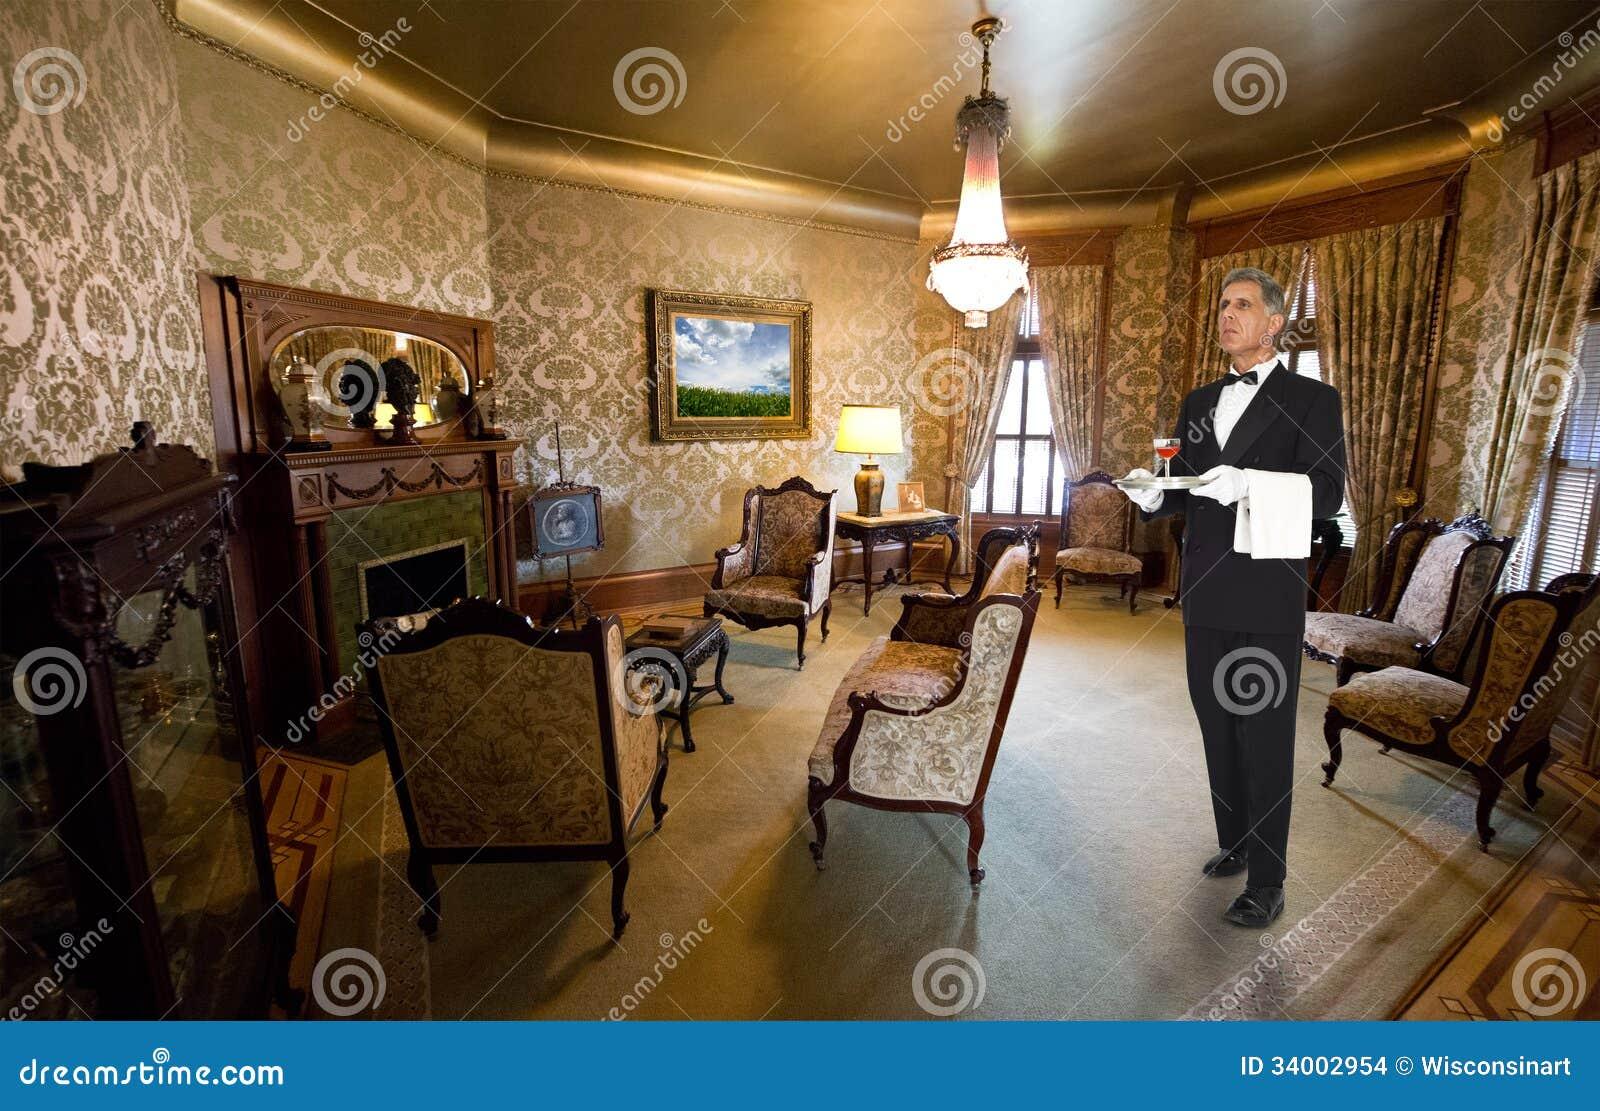 butler ou serveur staff dans le salon victorien de manoir images stock image 34002954. Black Bedroom Furniture Sets. Home Design Ideas